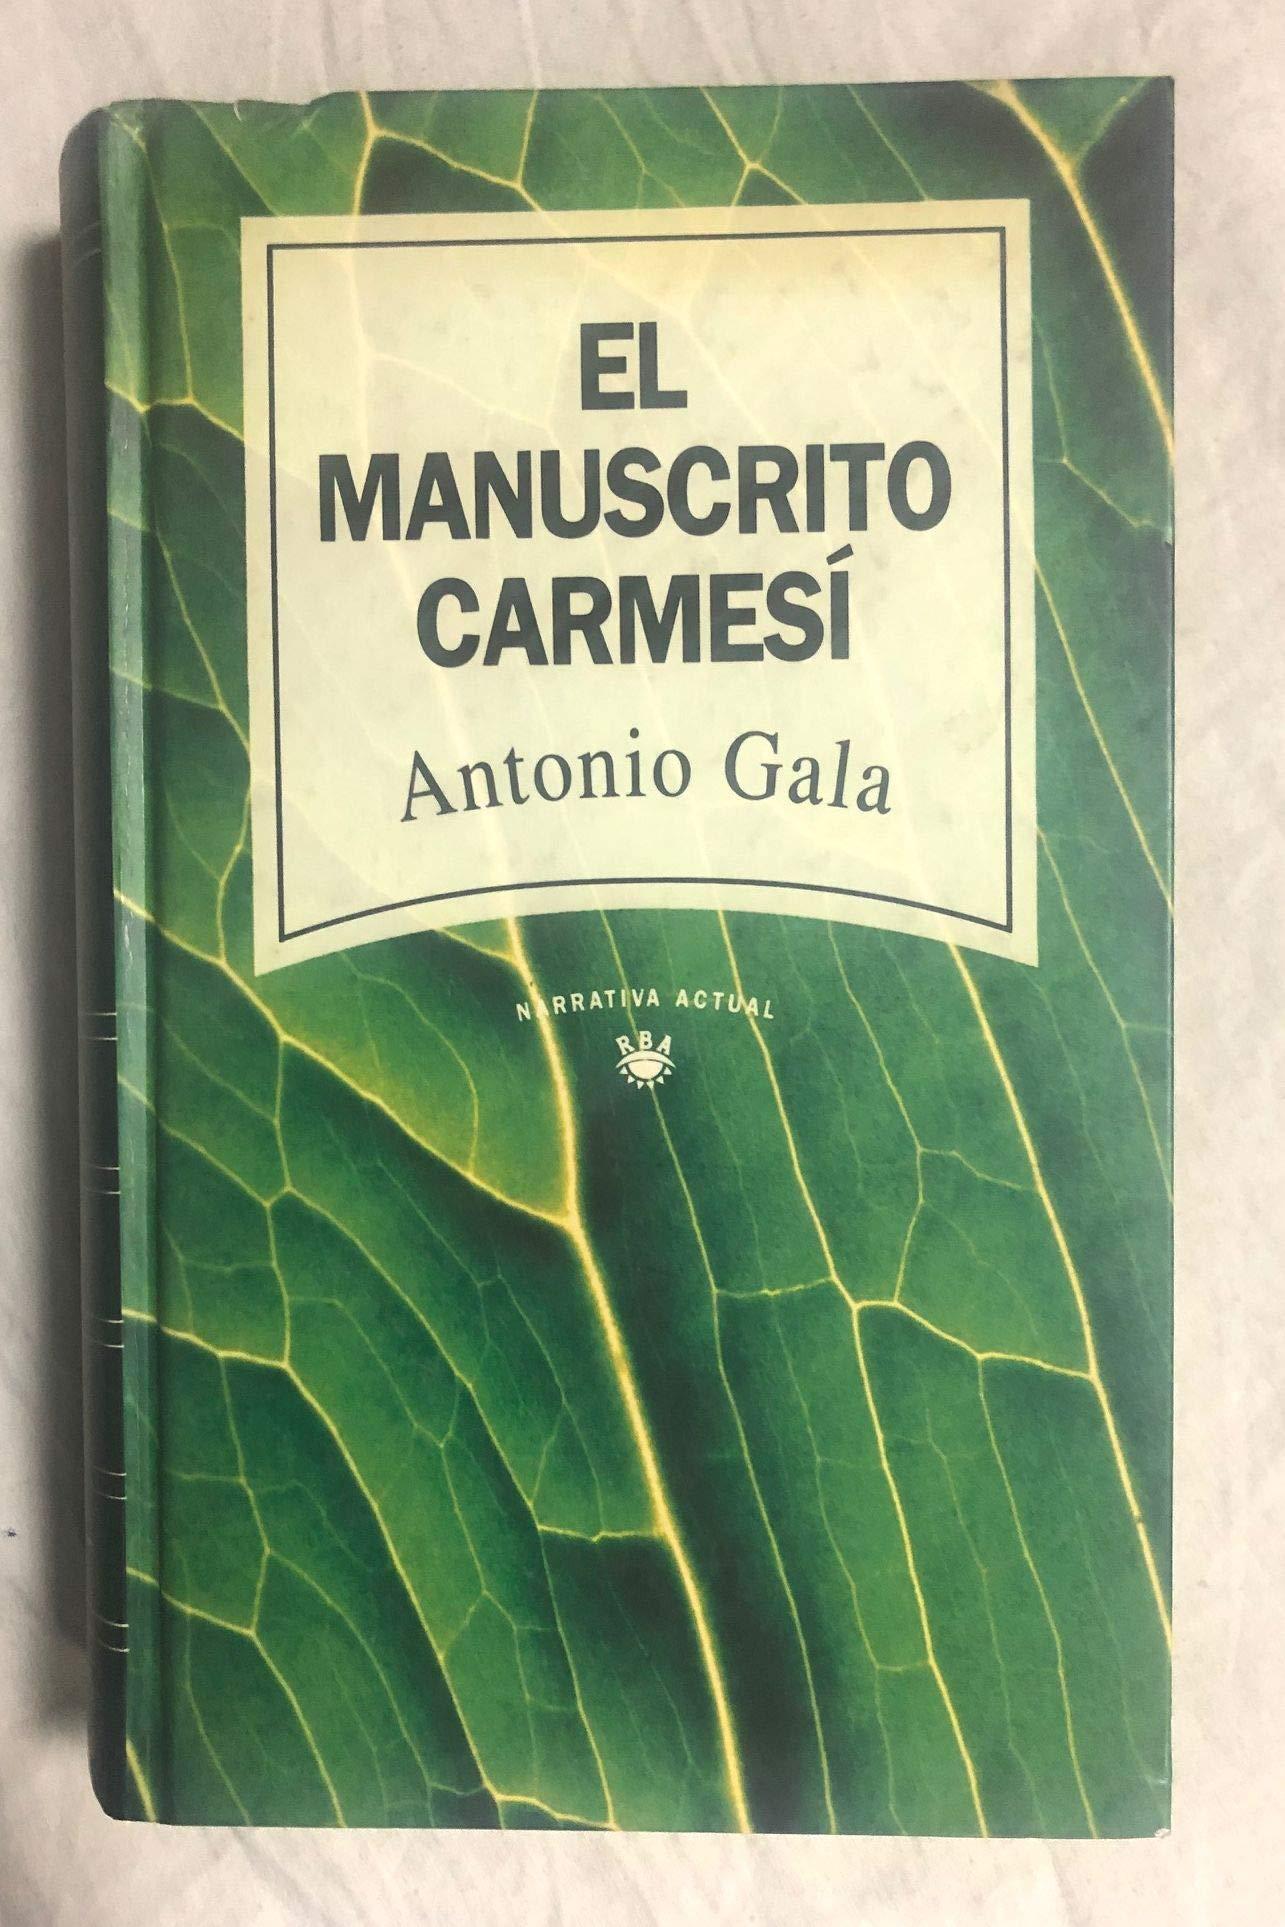 EL MANUSCRITO CARMESI: Amazon.es: ANTONIO GALA: Libros